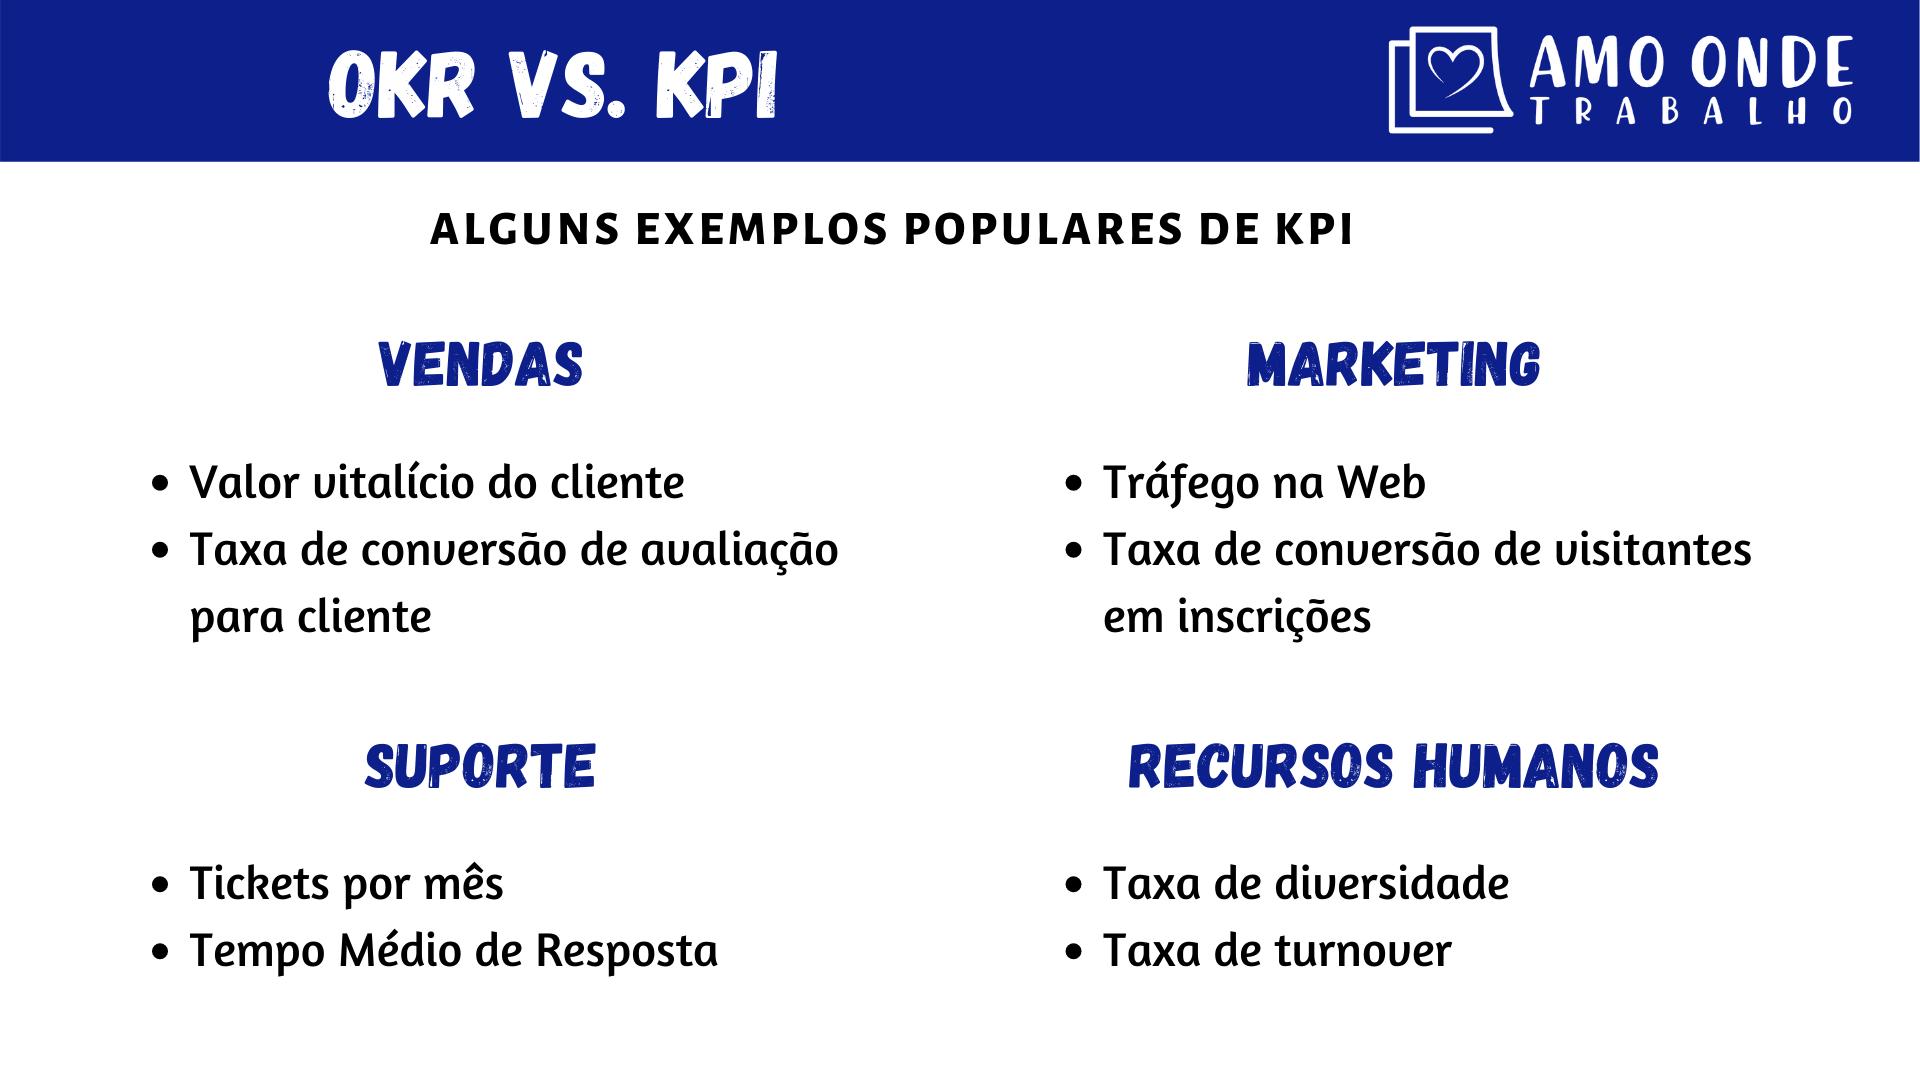 OKR Vs. KPI (6)